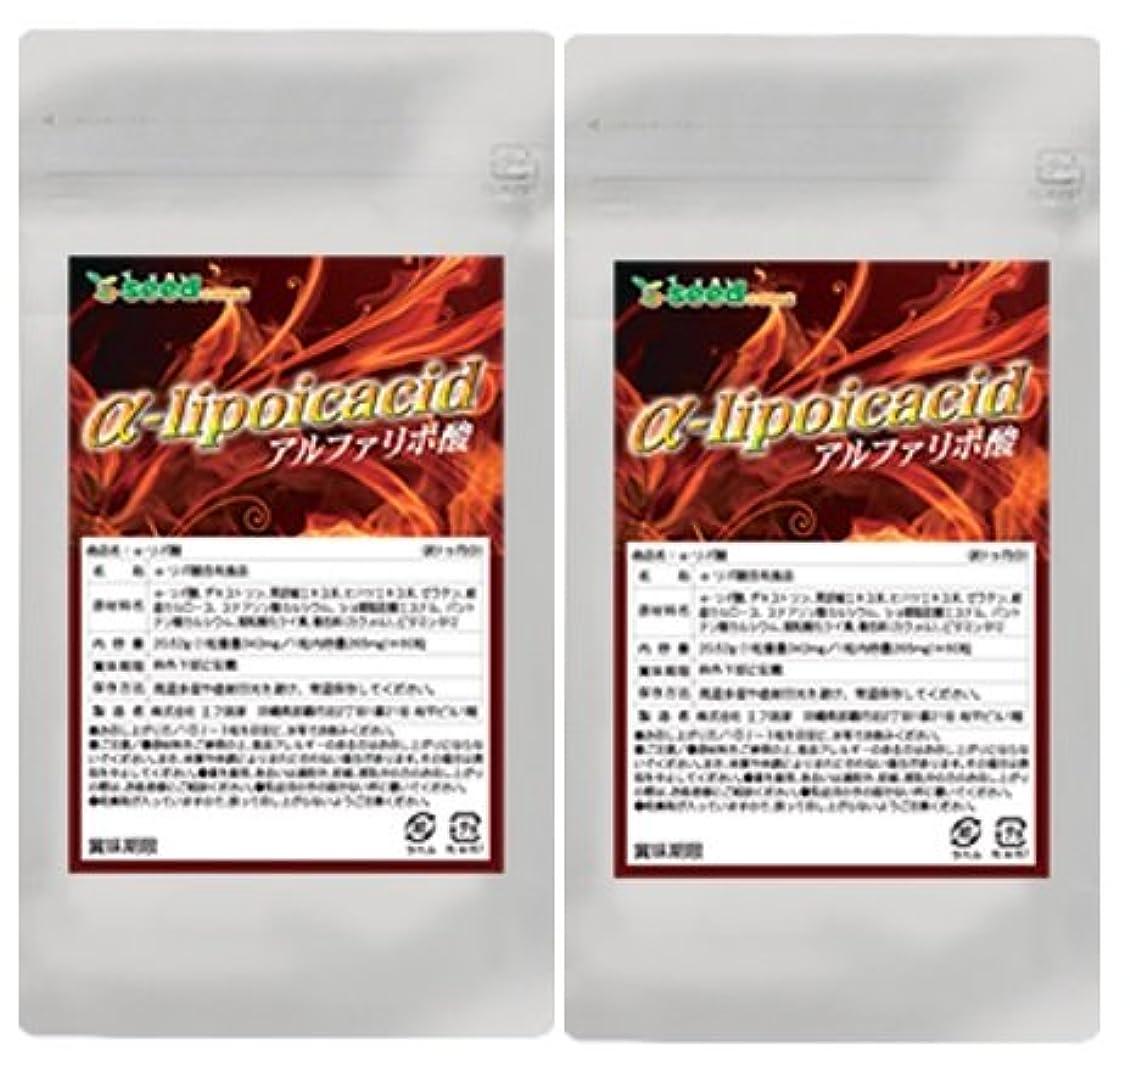 敬の念痴漢重要α-リポ酸 (燃焼系ダイエットのサポート) (約6ケ月分)